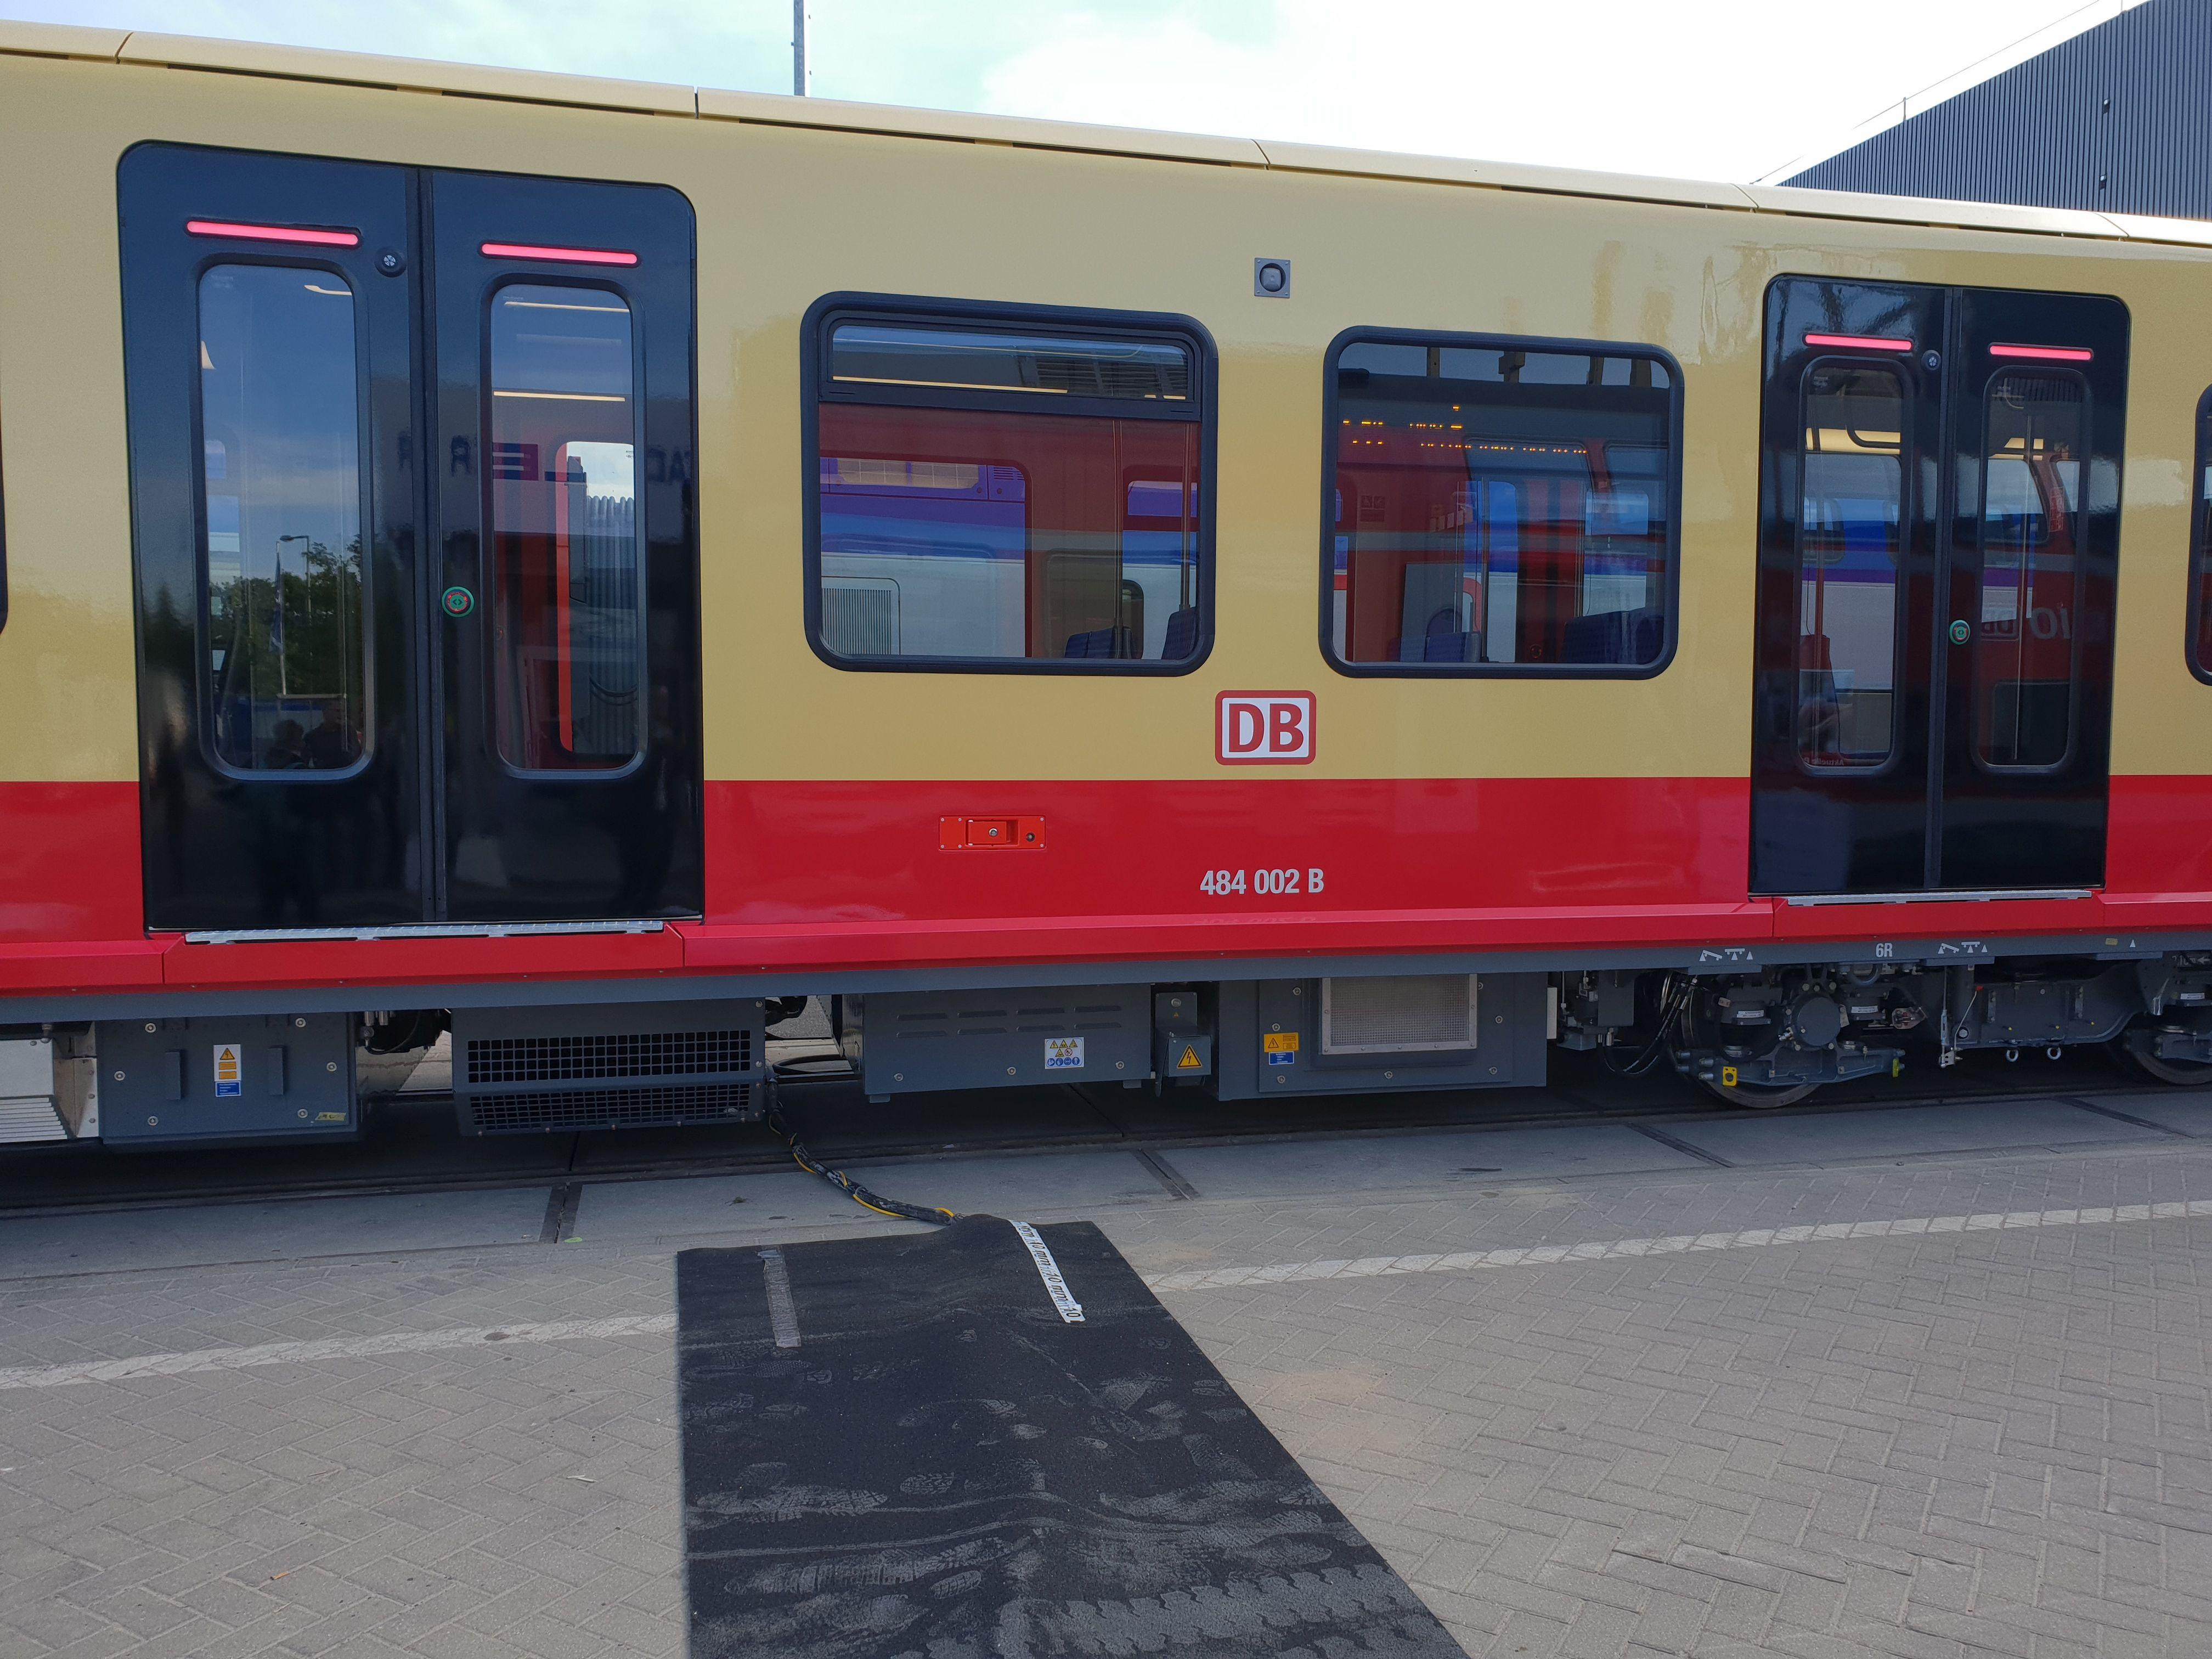 Foto: S-Bahn 484 002 B, Seitenansicht, Baureihe 483/484, Innotrans, Berlin, September 2018